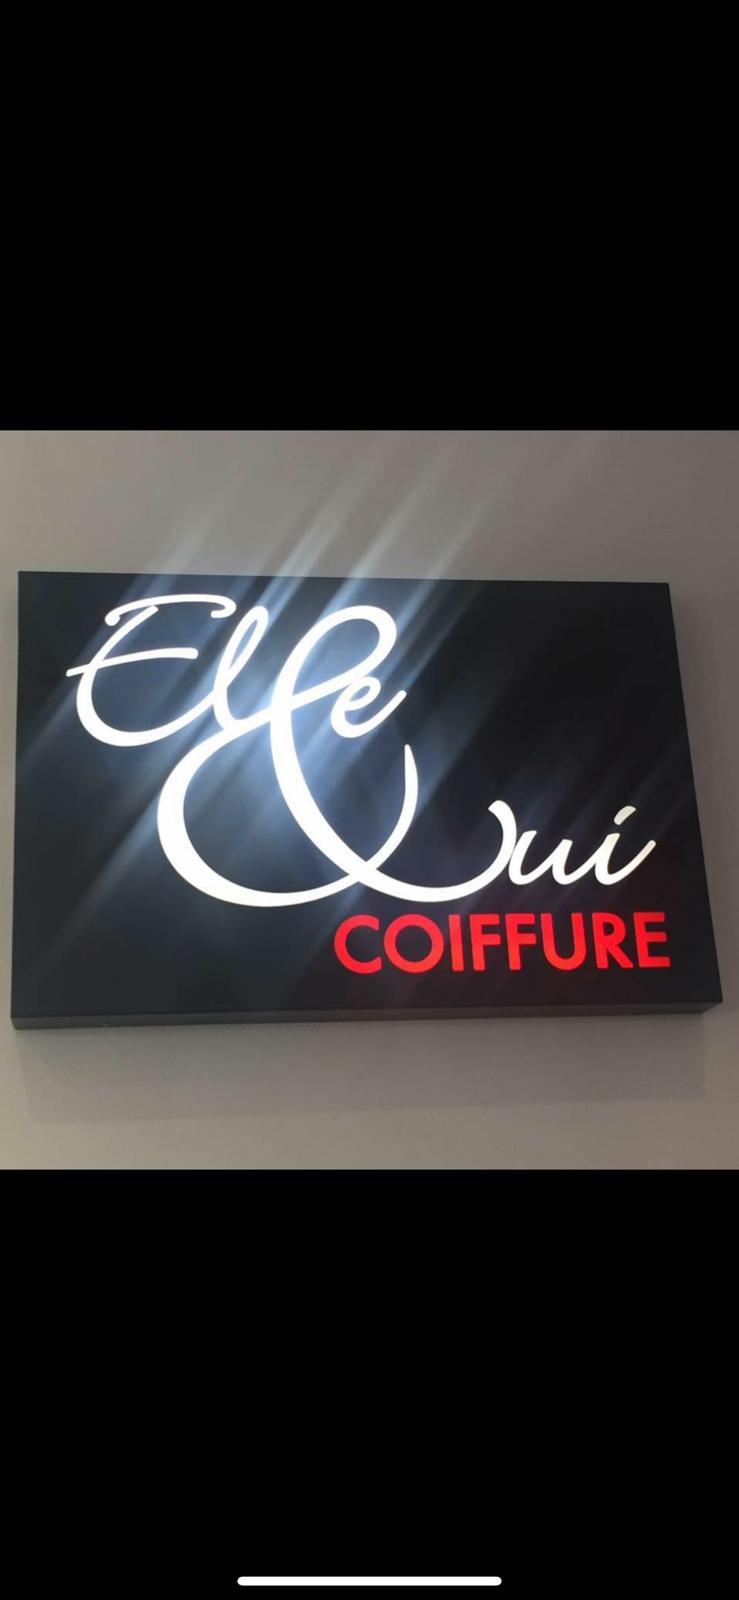 Elle & Lui Coiffure - Cours Fauriel